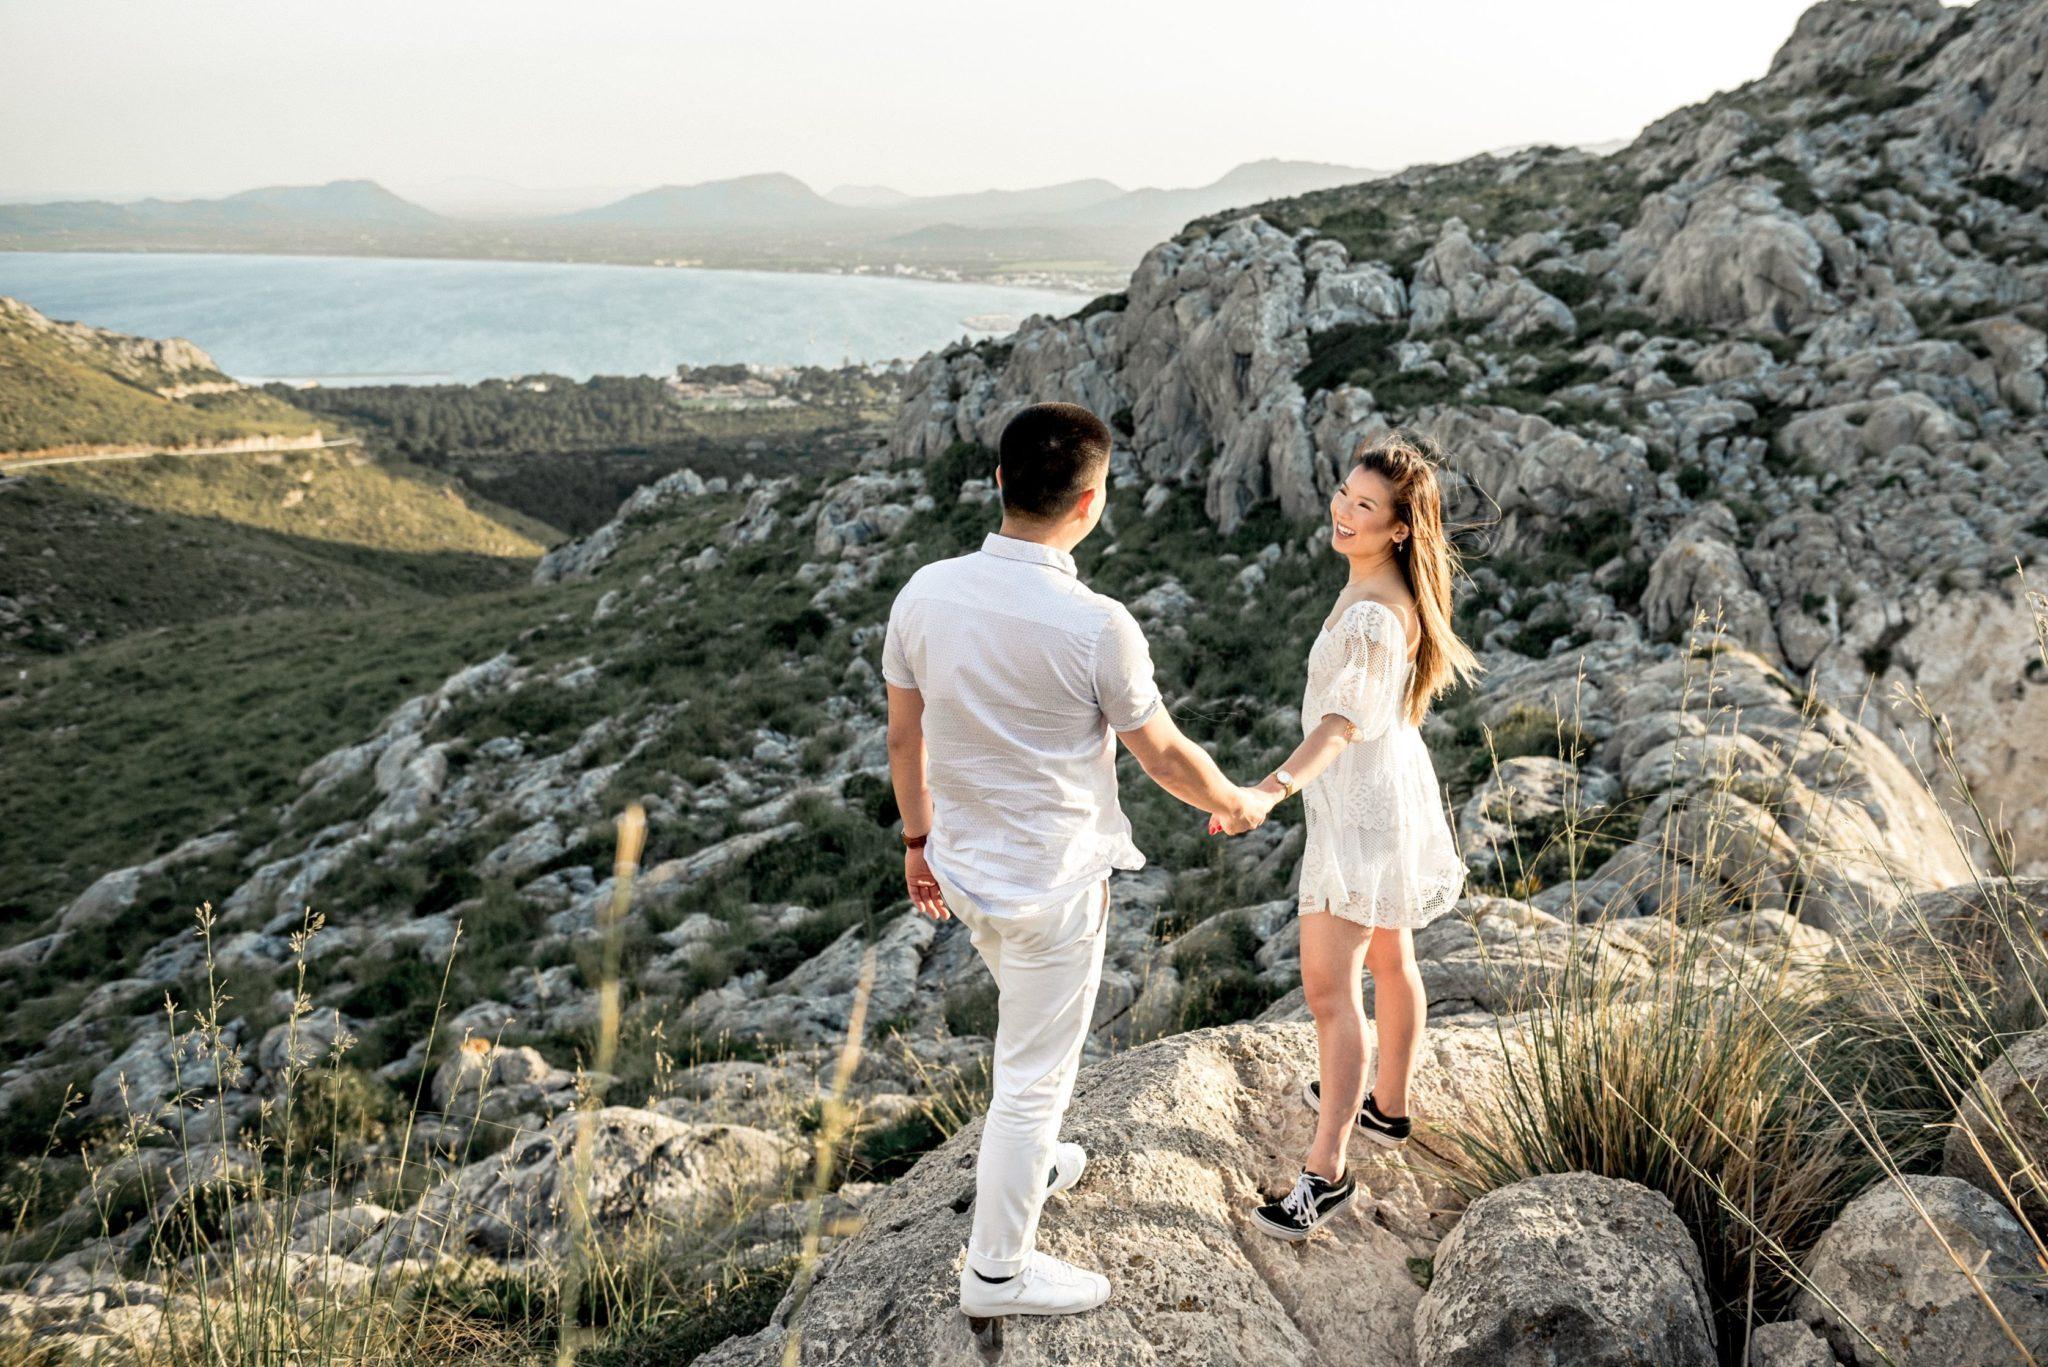 Mallorca surprise engagement shoot